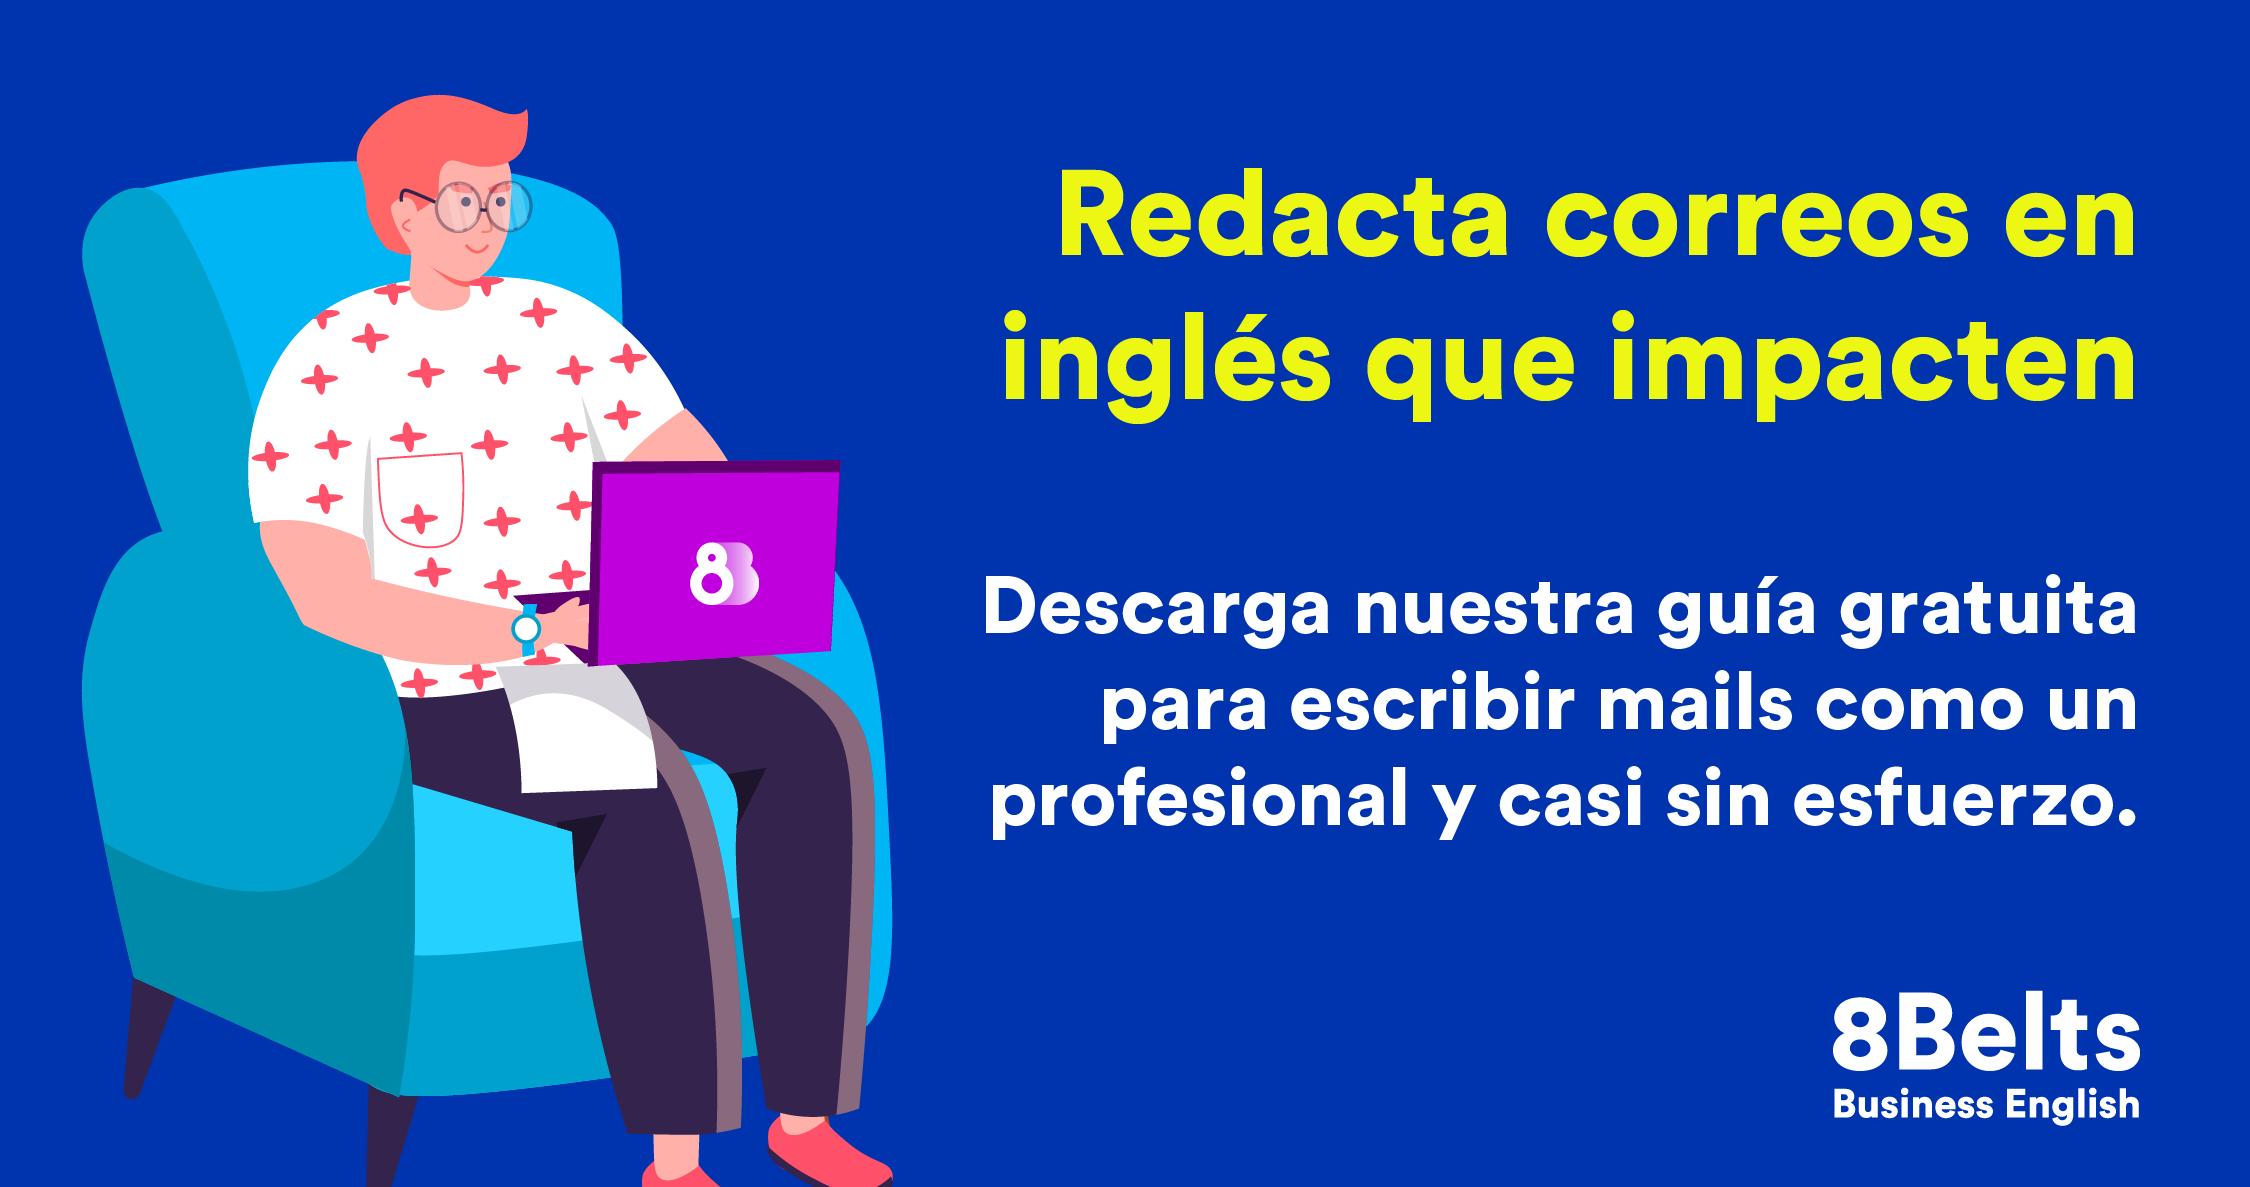 Escribir un correo en inglés - plantillas para corre formal e informal - 8belts